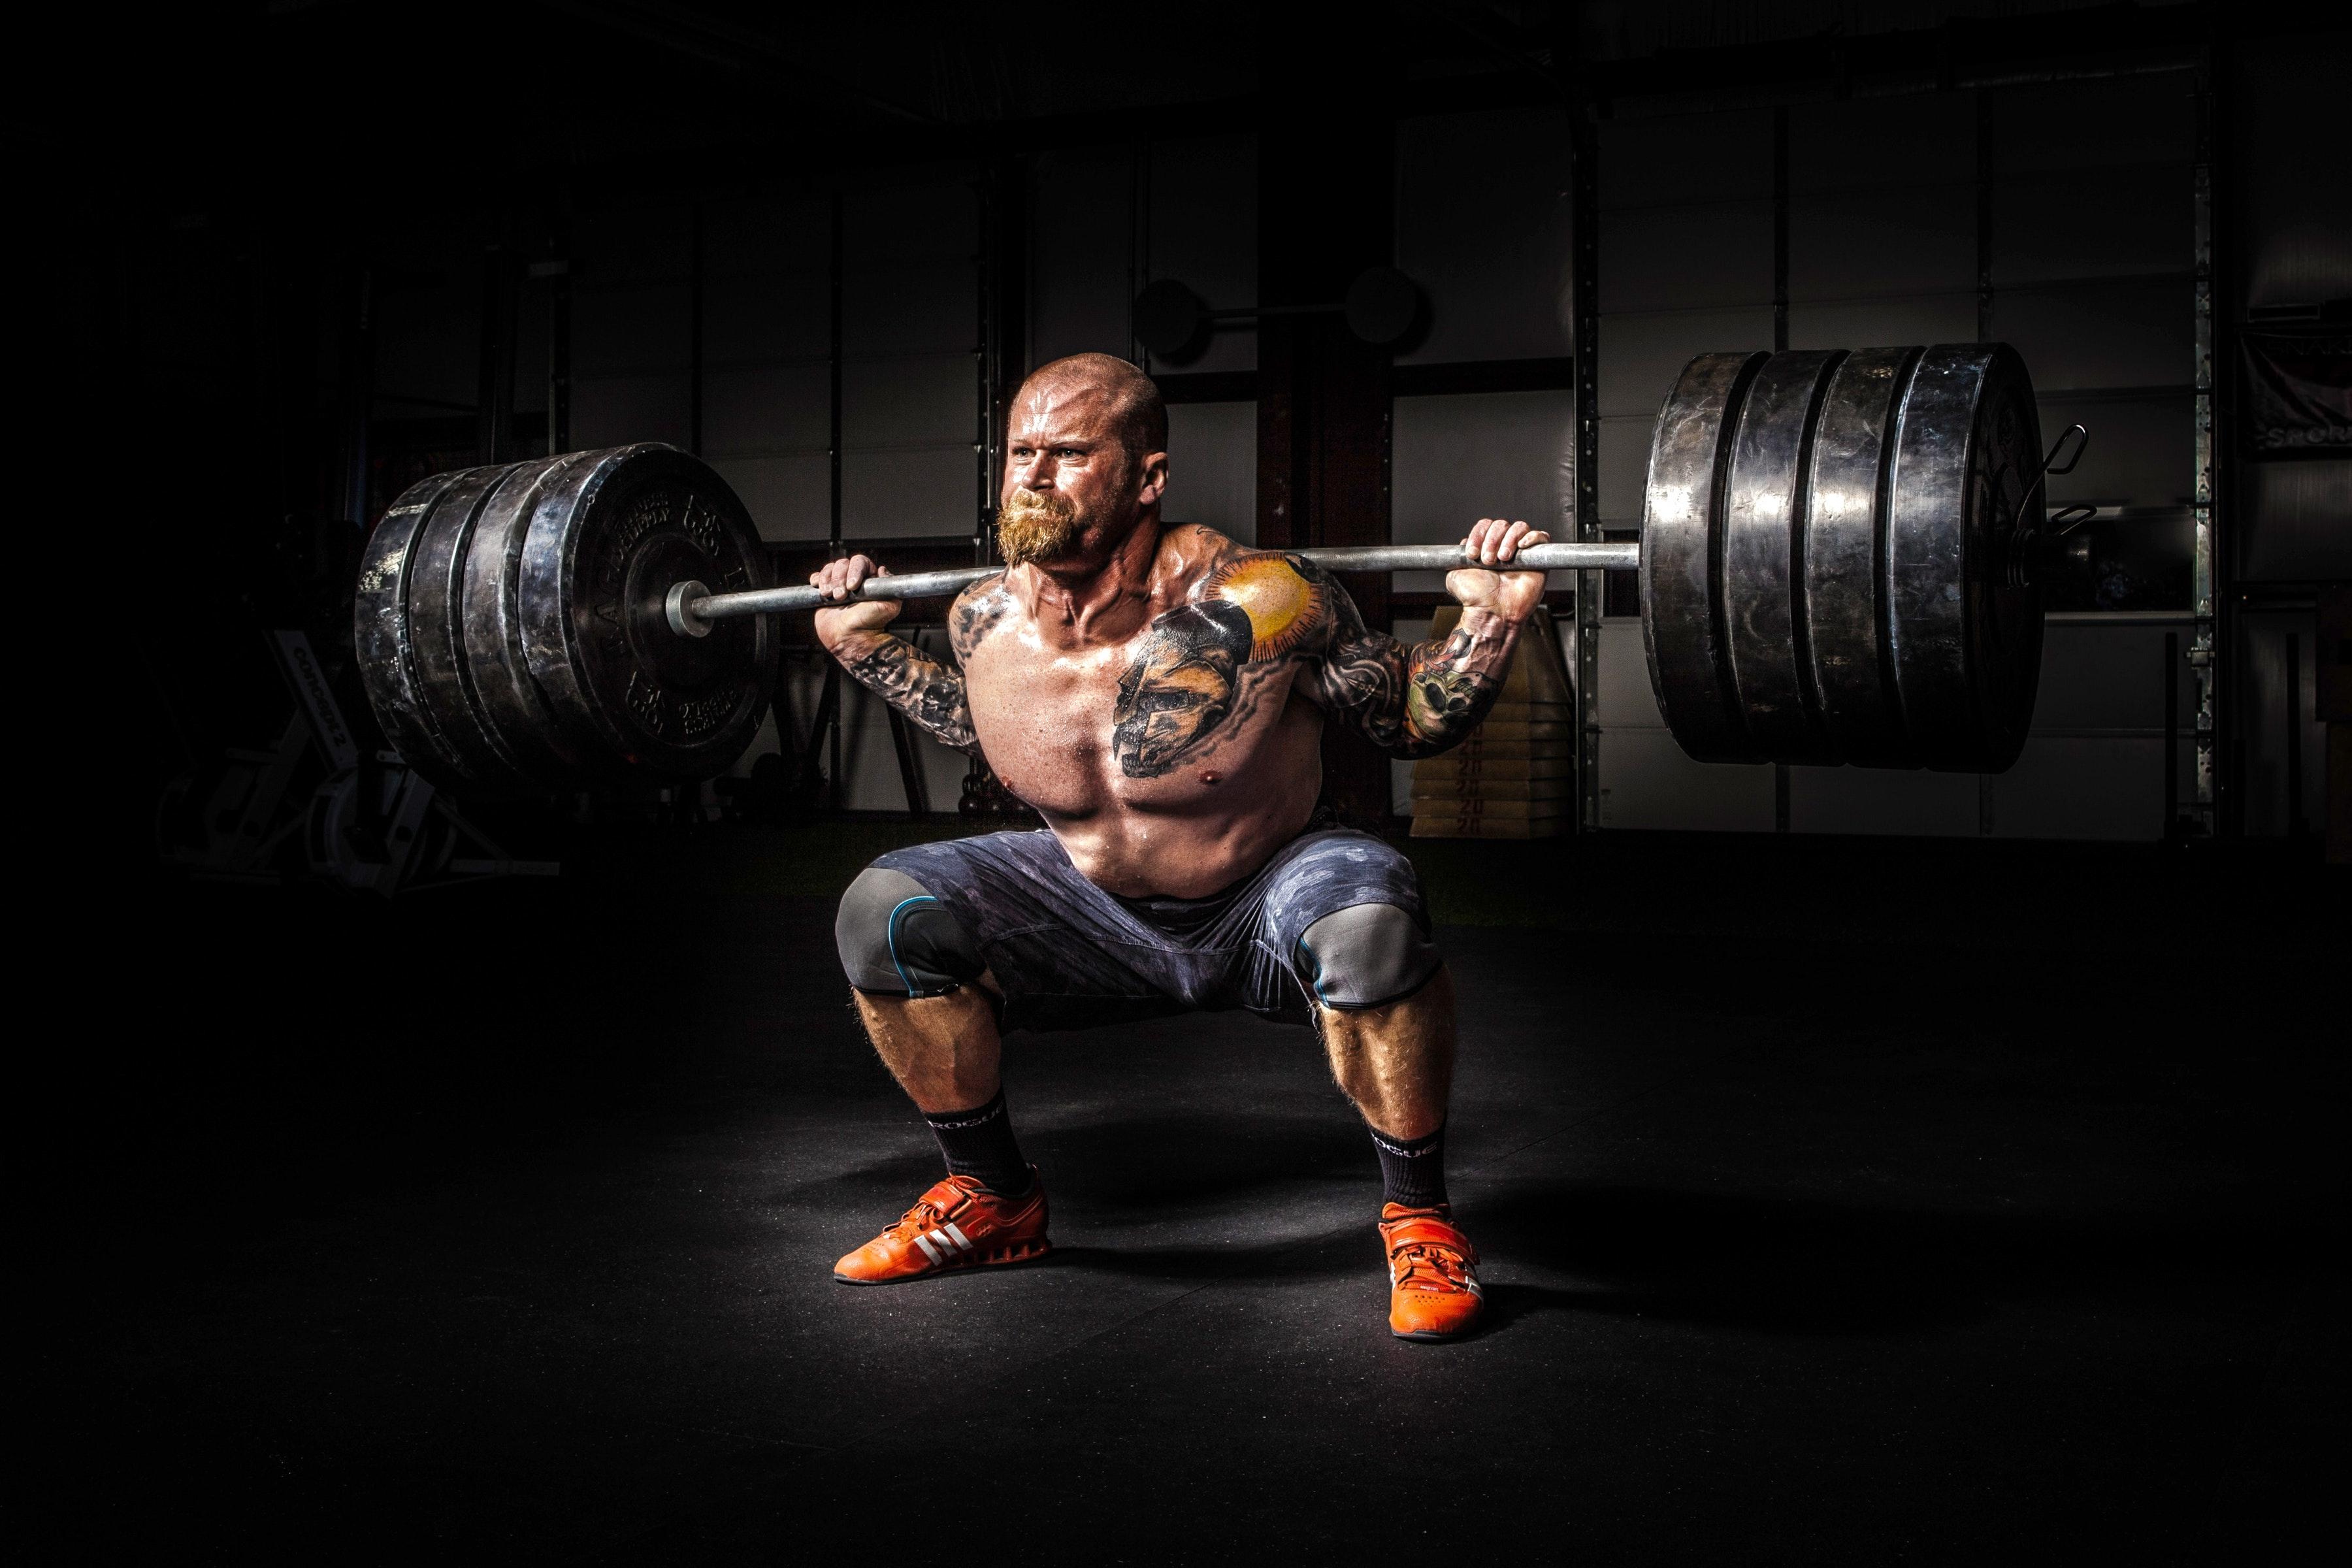 Mann trainiert Schwergewicht